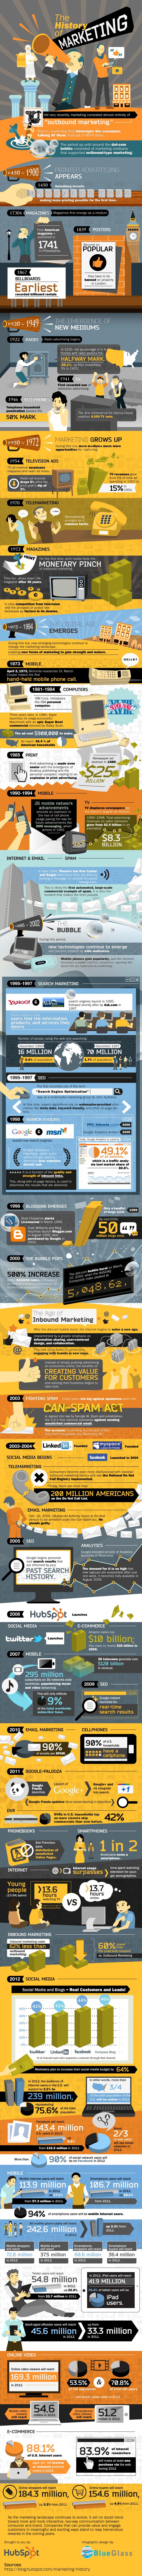 Marketing / Neue Medien / Technologie